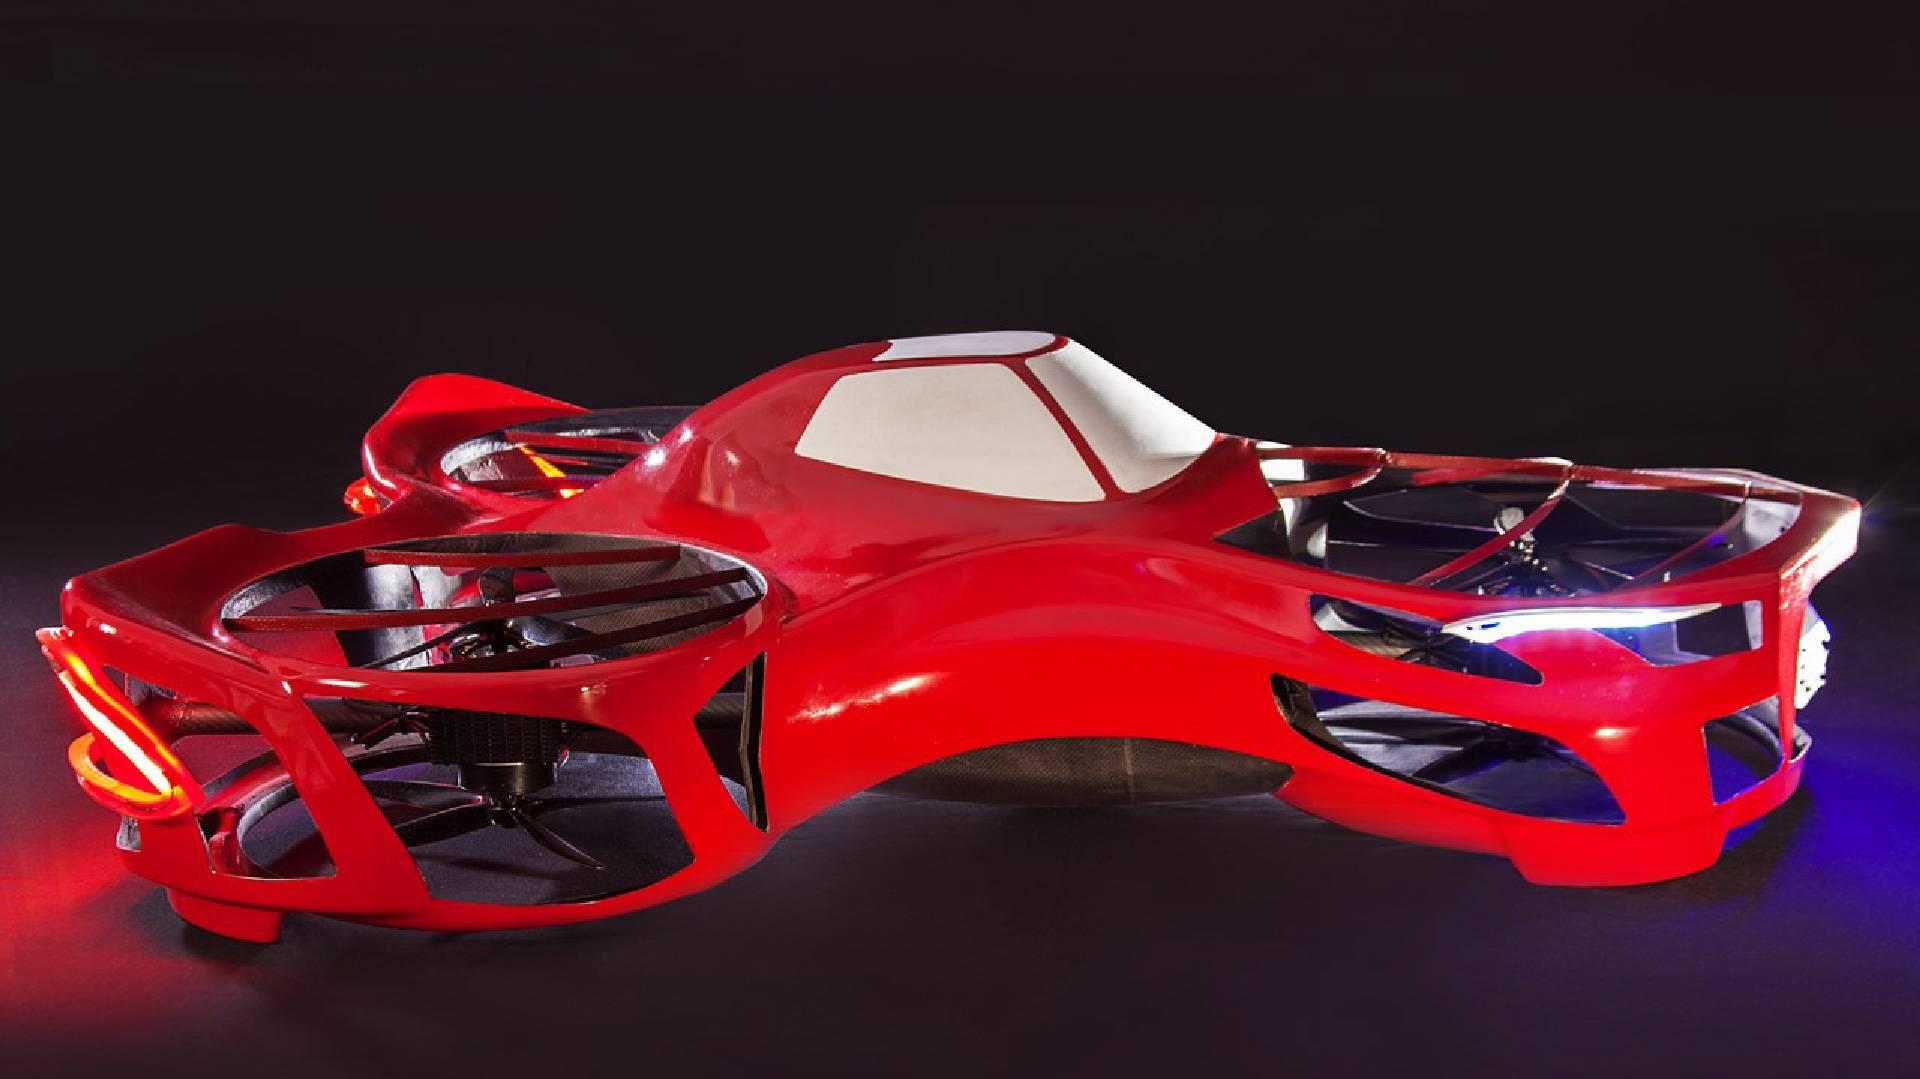 ¿Tendremos carros voladores pronto? Este emprendimiento colombiano podría hacerlo realidad